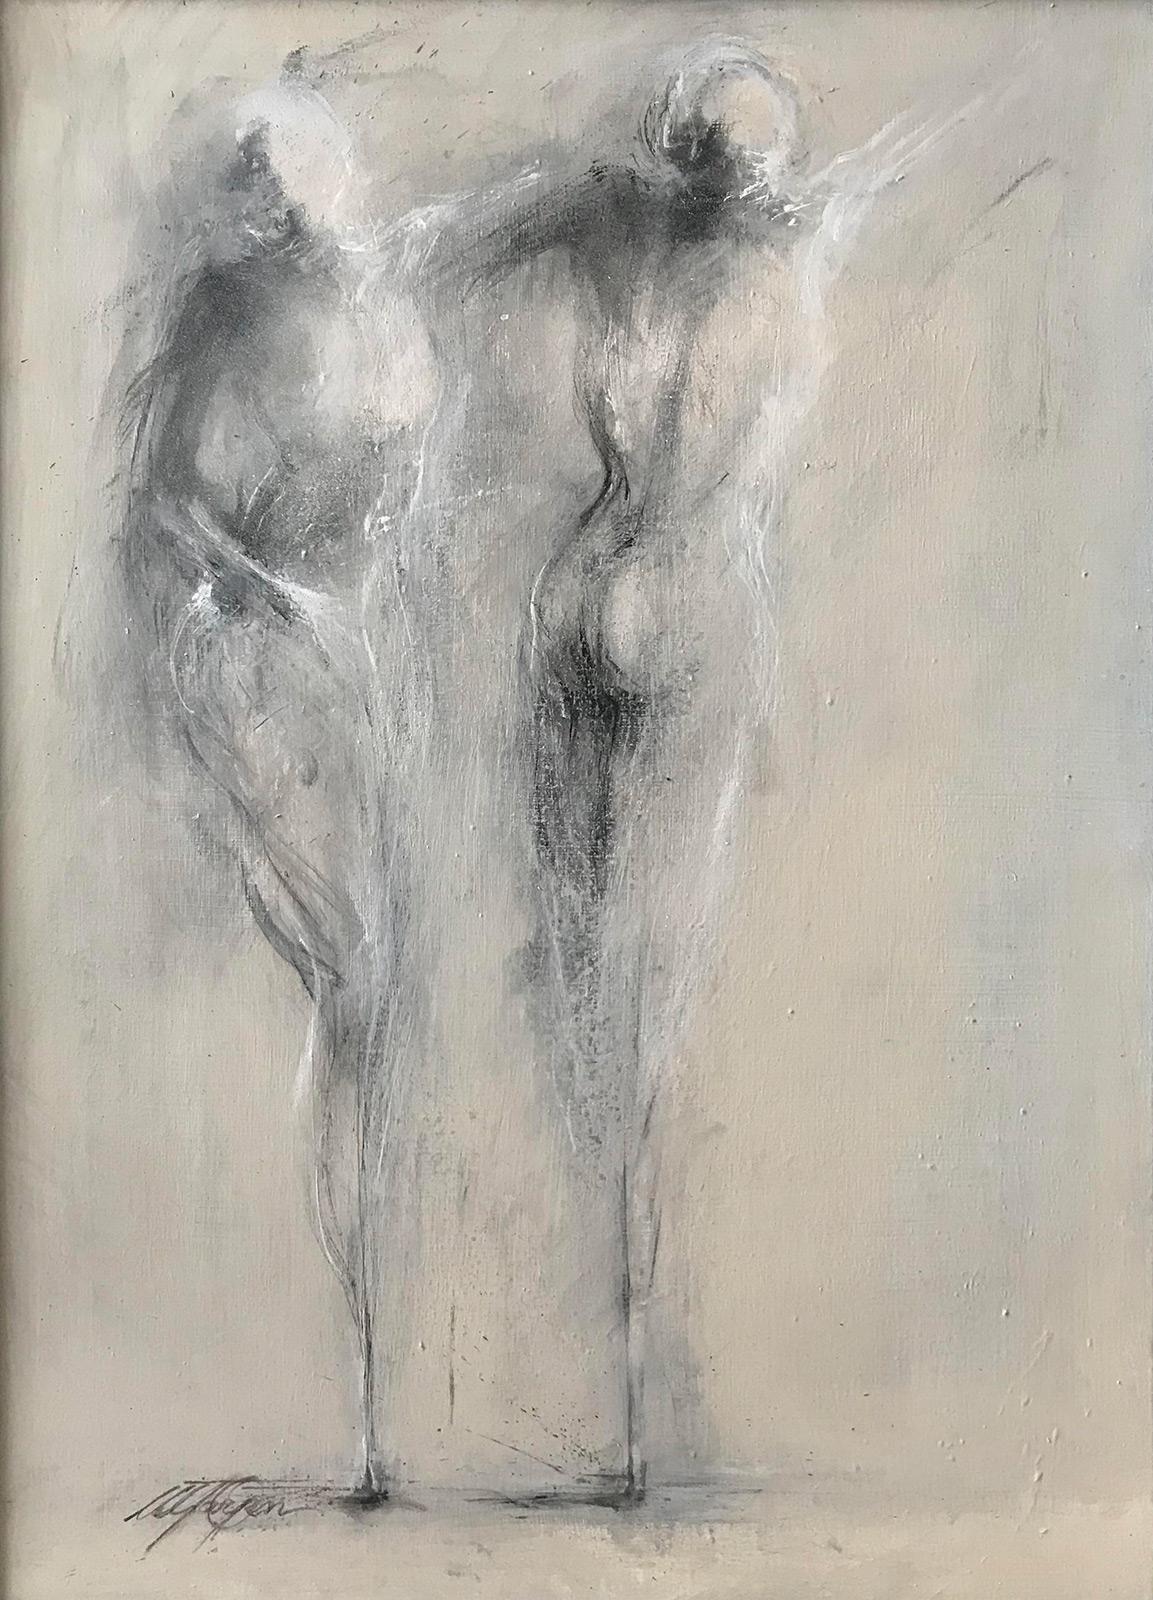 Transparent - 70x50 cm.